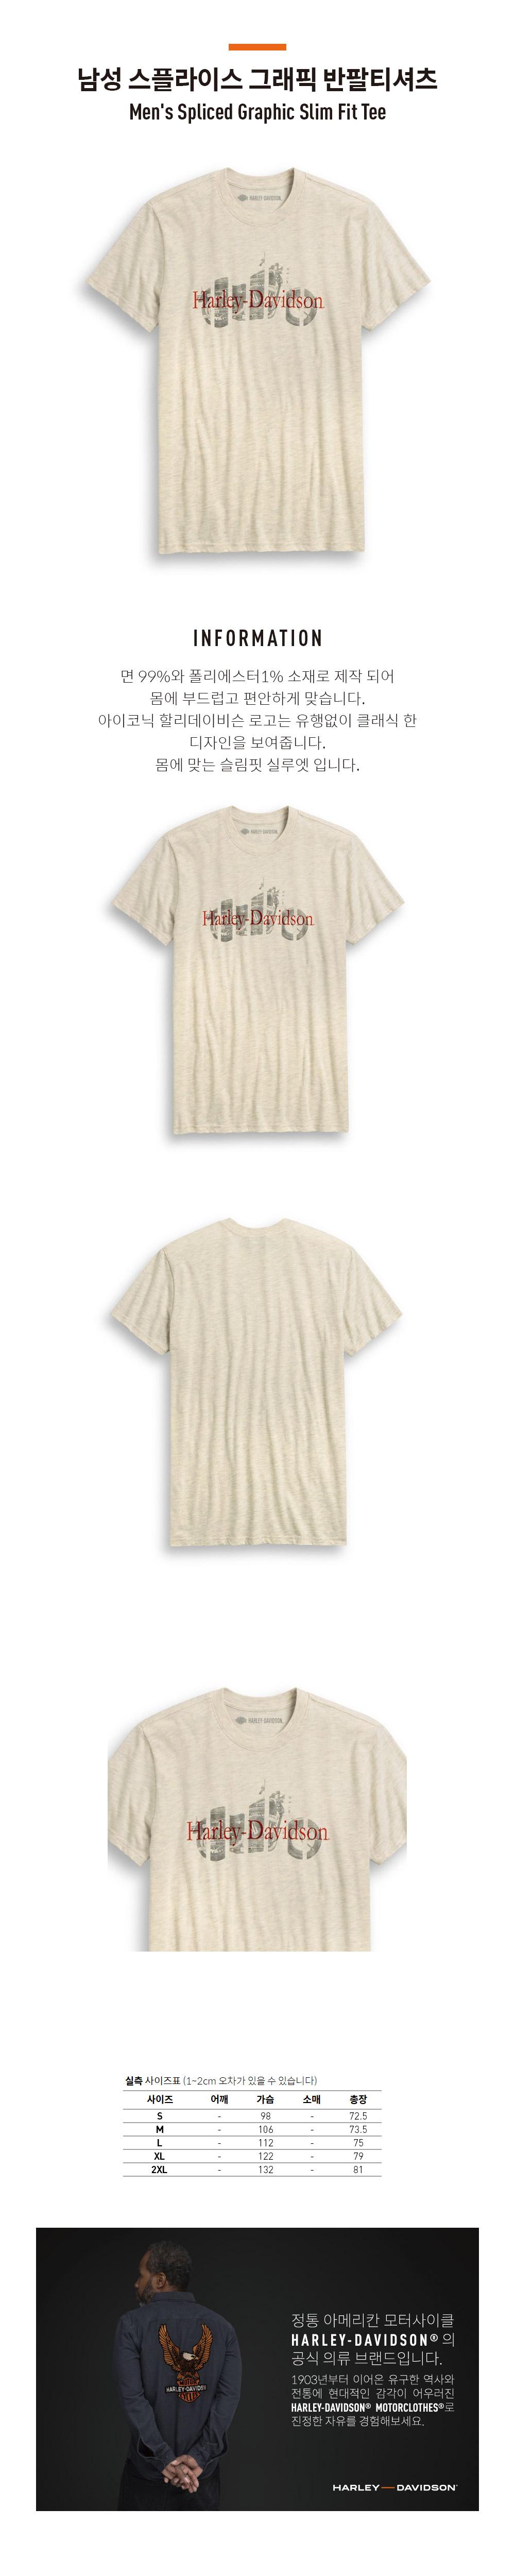 남성 스플라이스 그래픽 반팔티셔츠